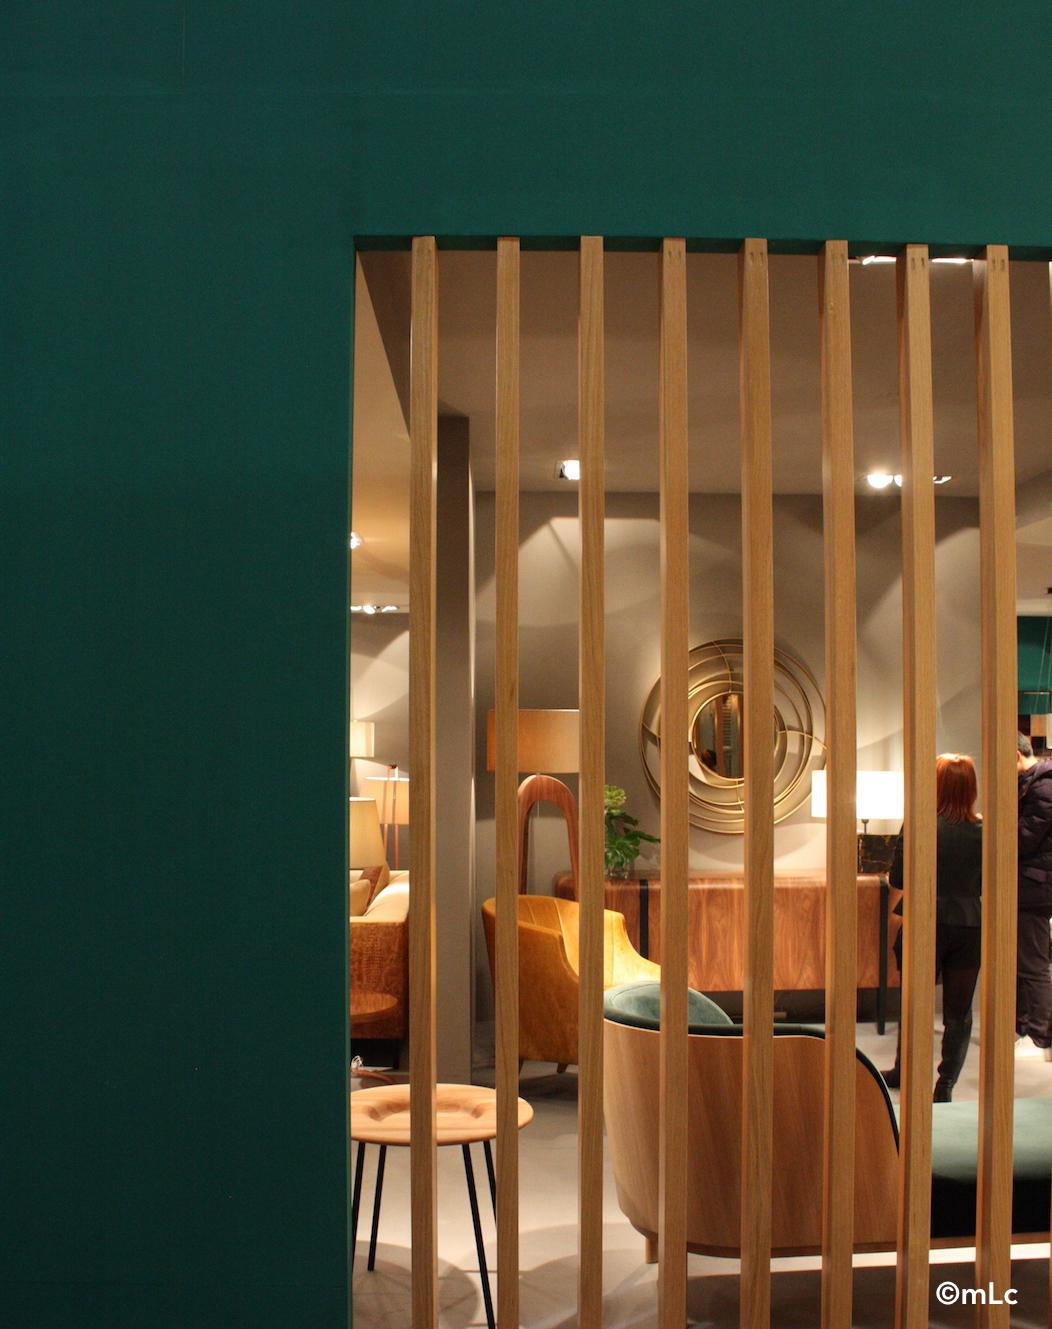 les tendances d co rep r es maison et objet 2018 2019 le blog d co de mlc. Black Bedroom Furniture Sets. Home Design Ideas